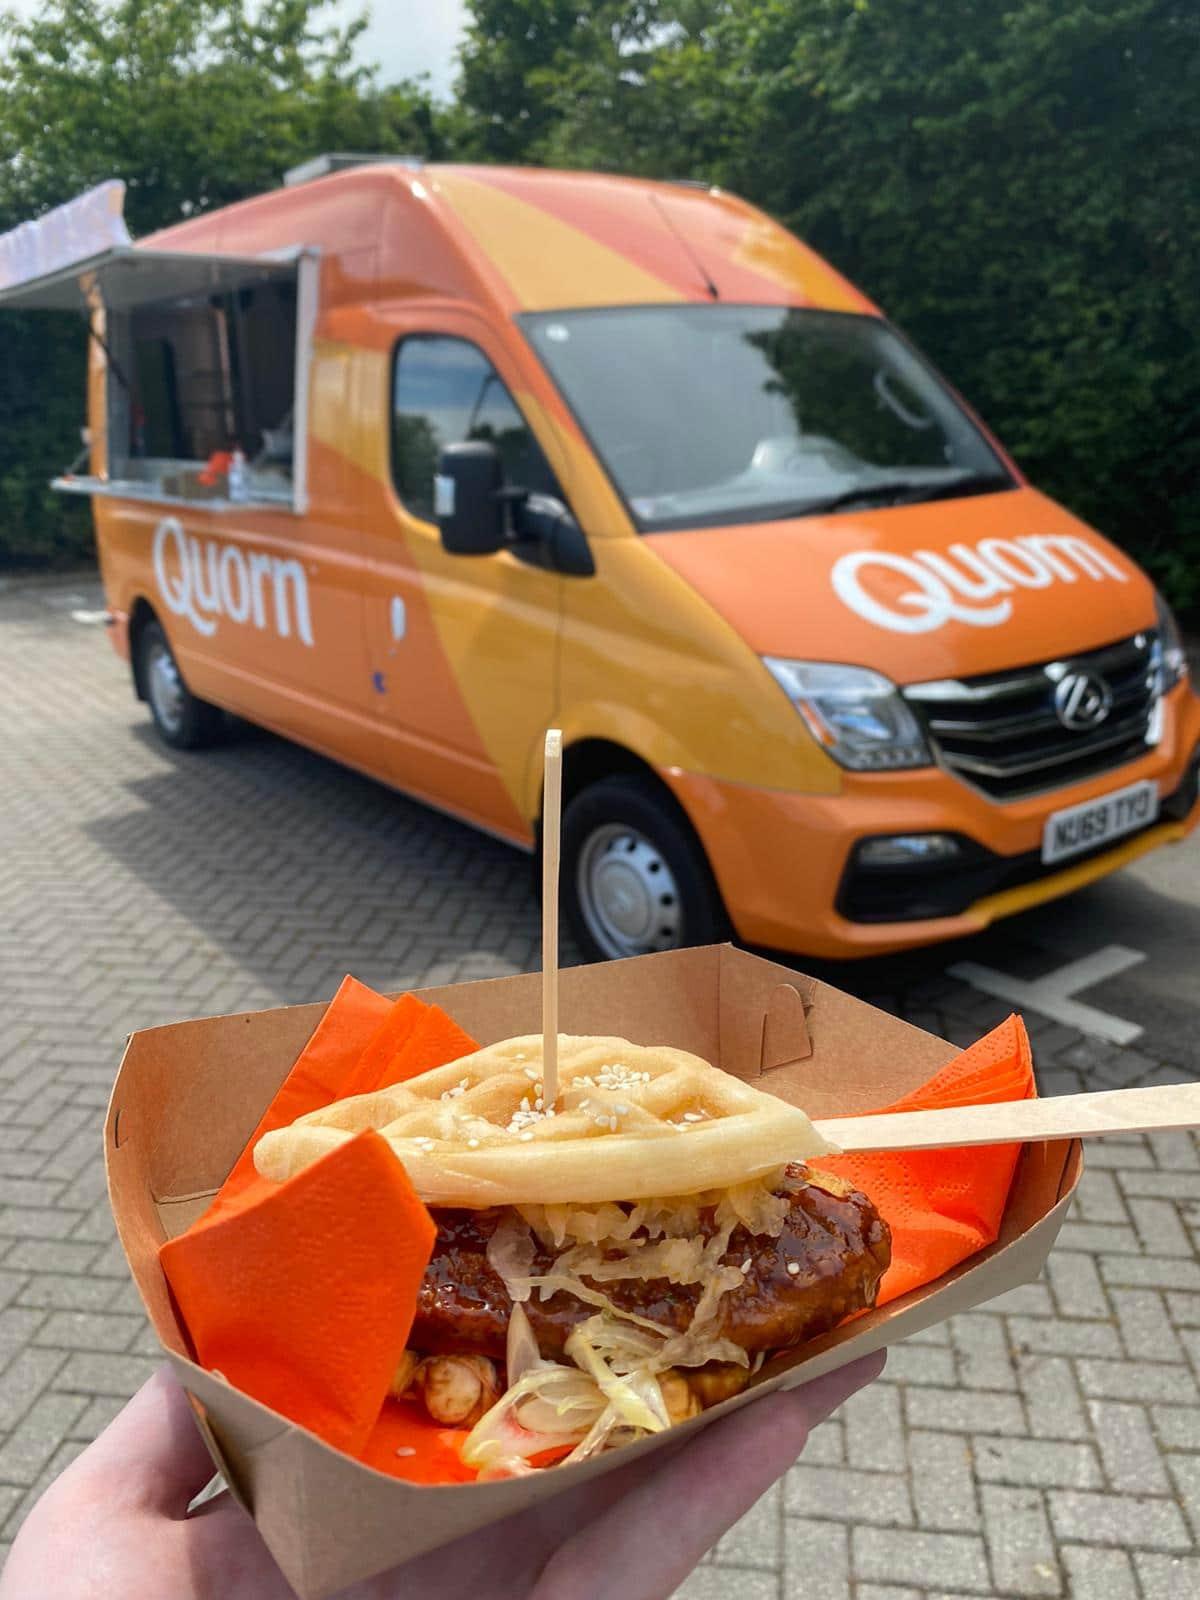 Quorn fully electric food truck sampling van